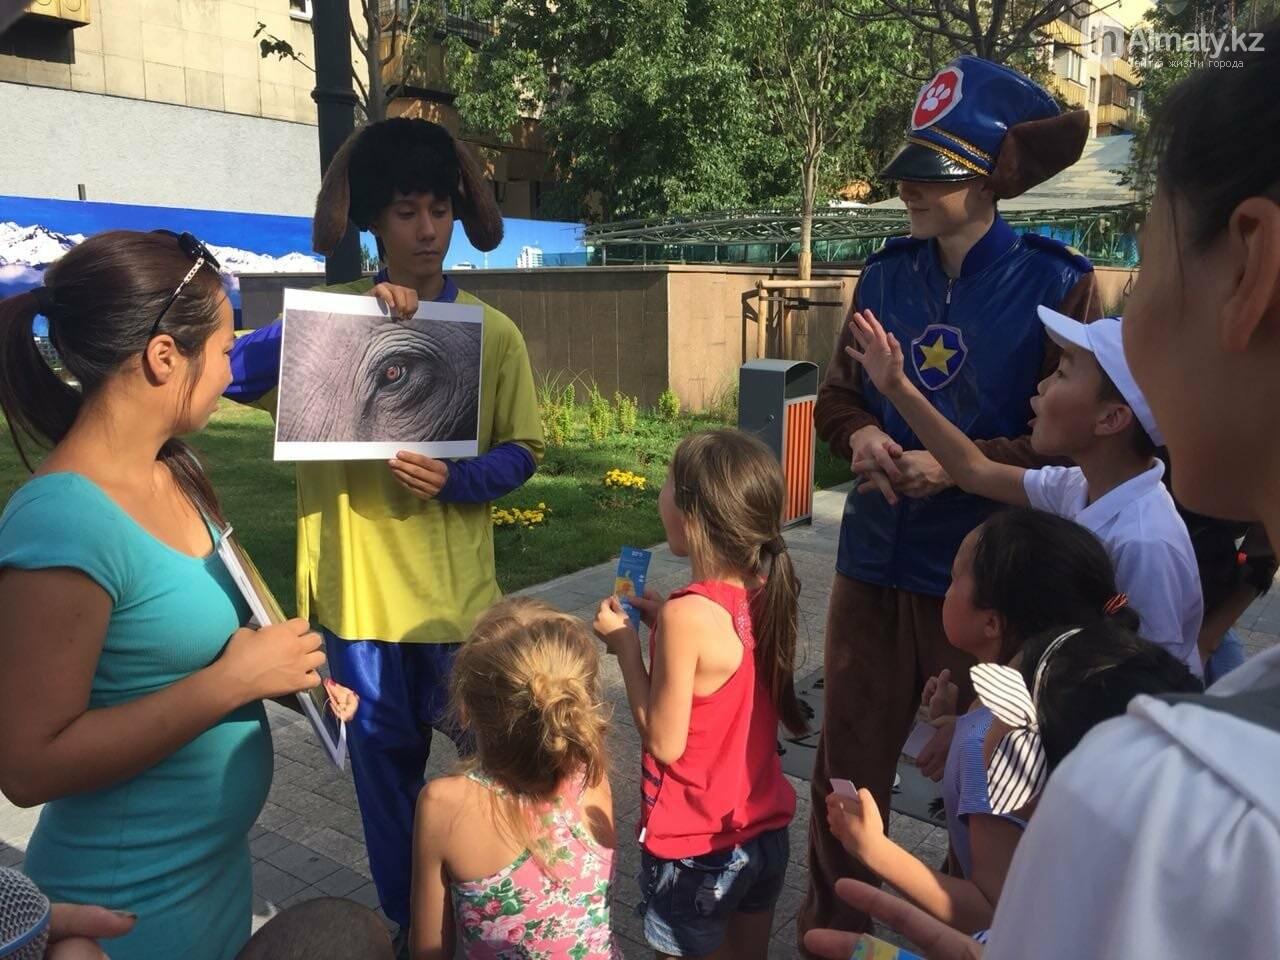 Алматинский зоопарк станет бесплатным на один день, фото-1